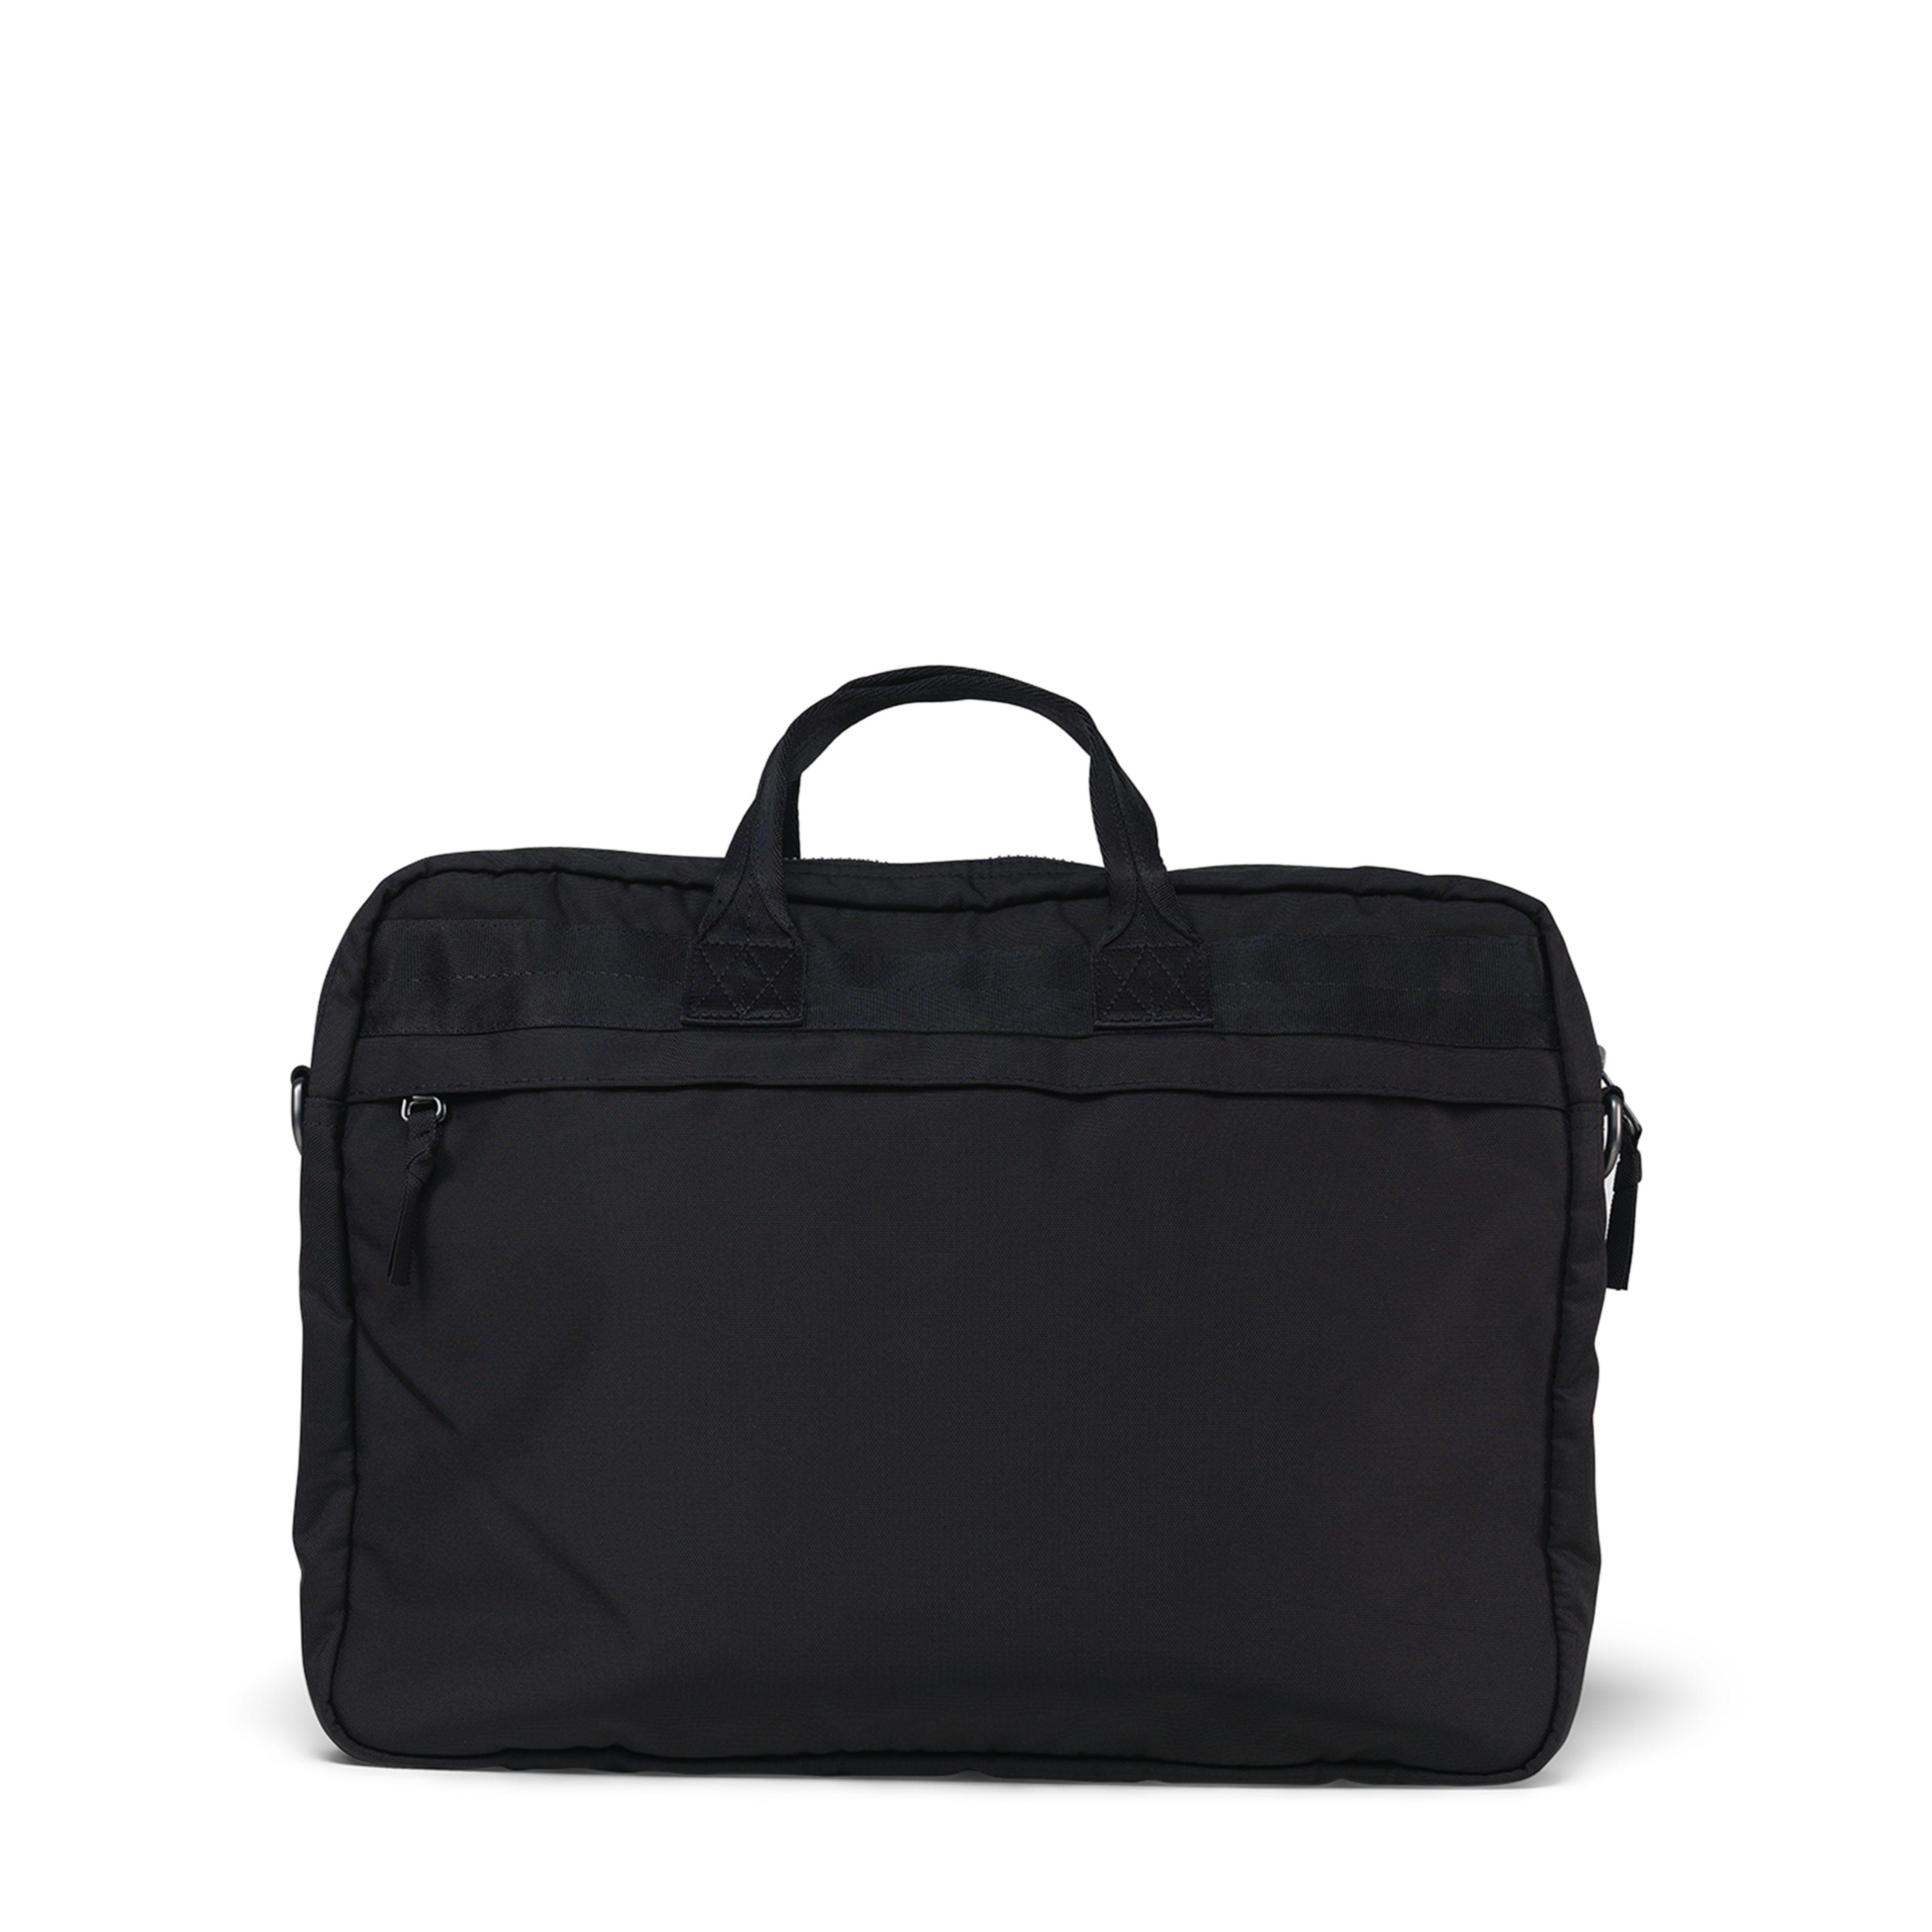 c0e0fd78e1 Lyst - Polo Ralph Lauren Nylon Military Briefcase in Black for Men